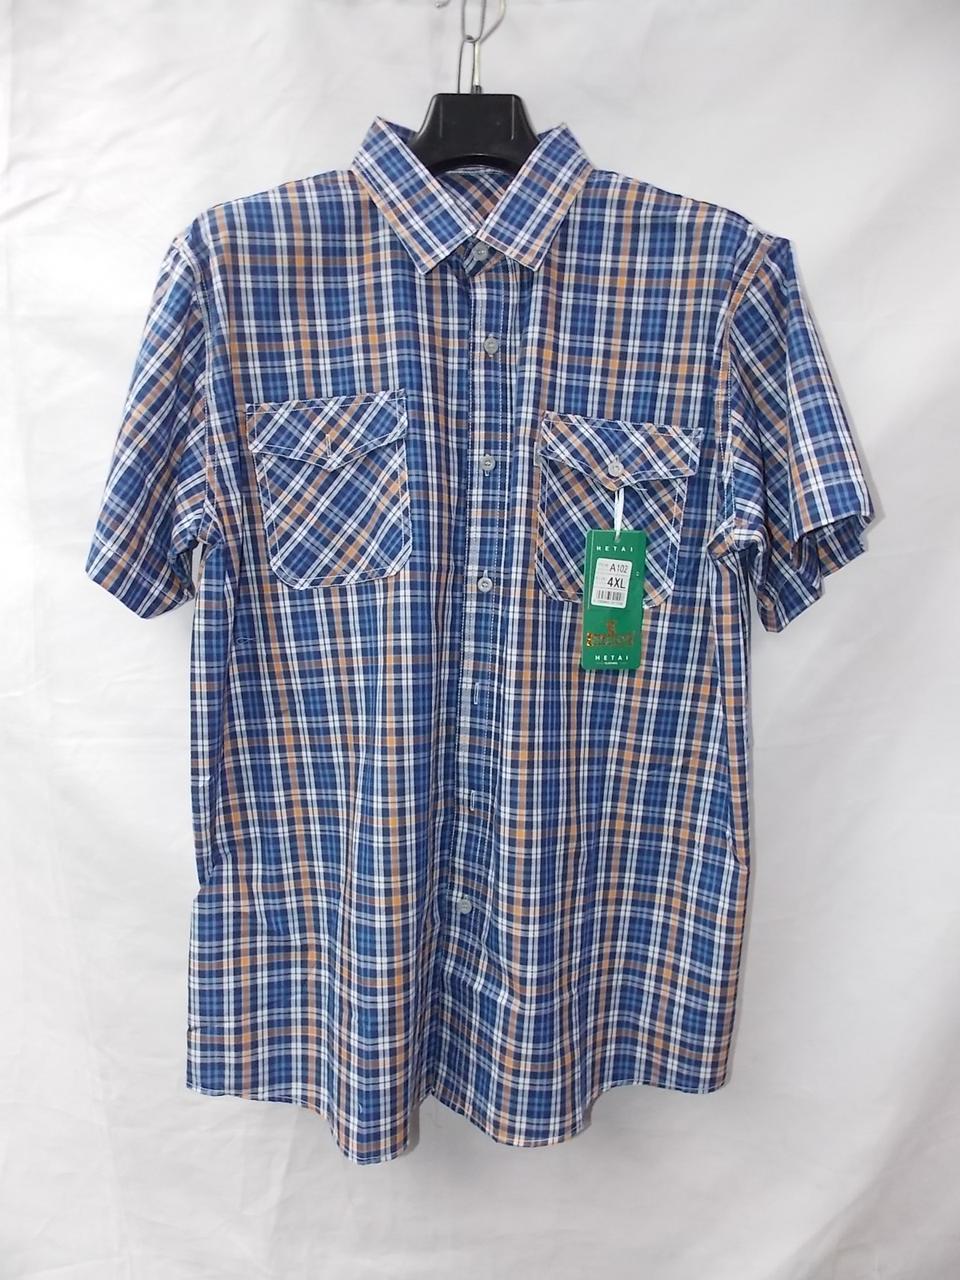 Мужская летняя рубашка  (р-р 48-56) с коротким рукавом оптом недорого со склада в Одессе